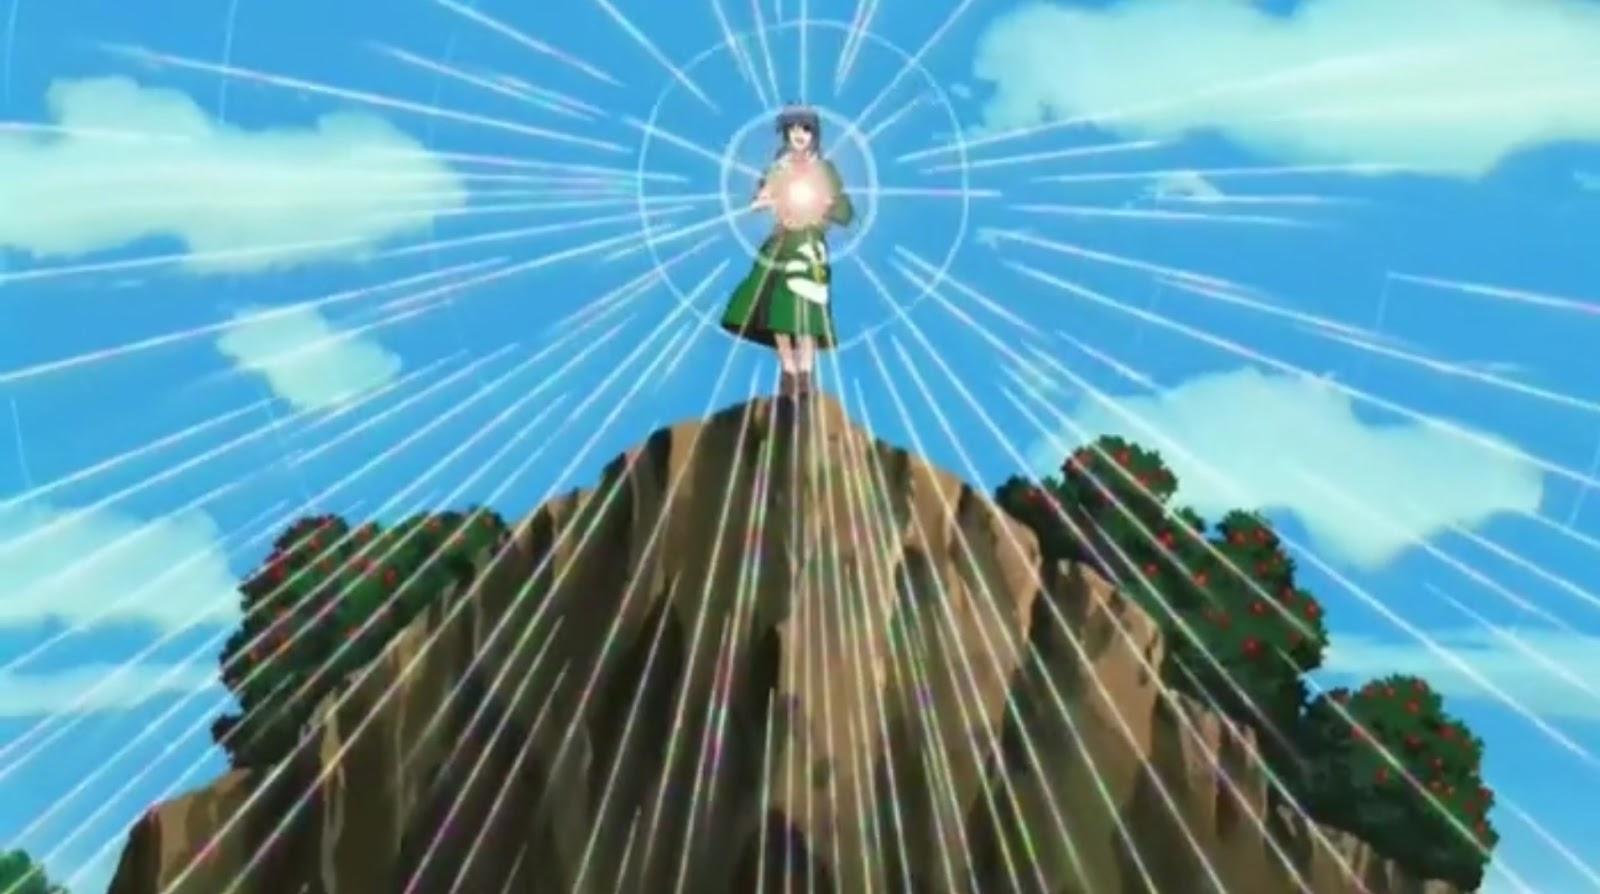 Naruto Shippuden Episódio 97, Assistir Naruto Shippuden Episódio 97, Assistir Naruto Shippuden Todos os Episódios Legendado, Naruto Shippuden episódio 97,HD